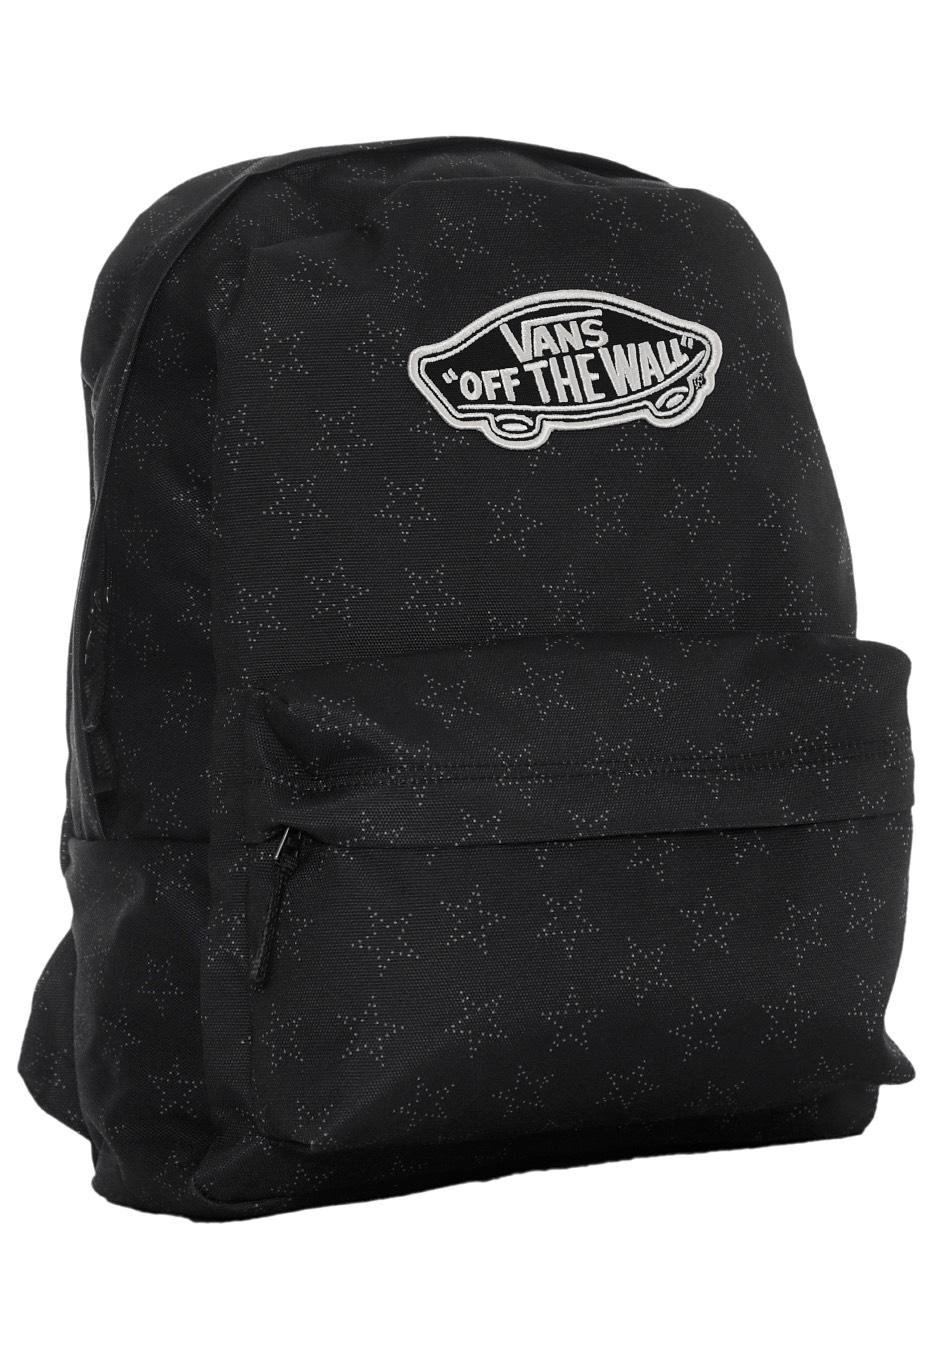 Vans - Realm Star Dot Black - Backpack